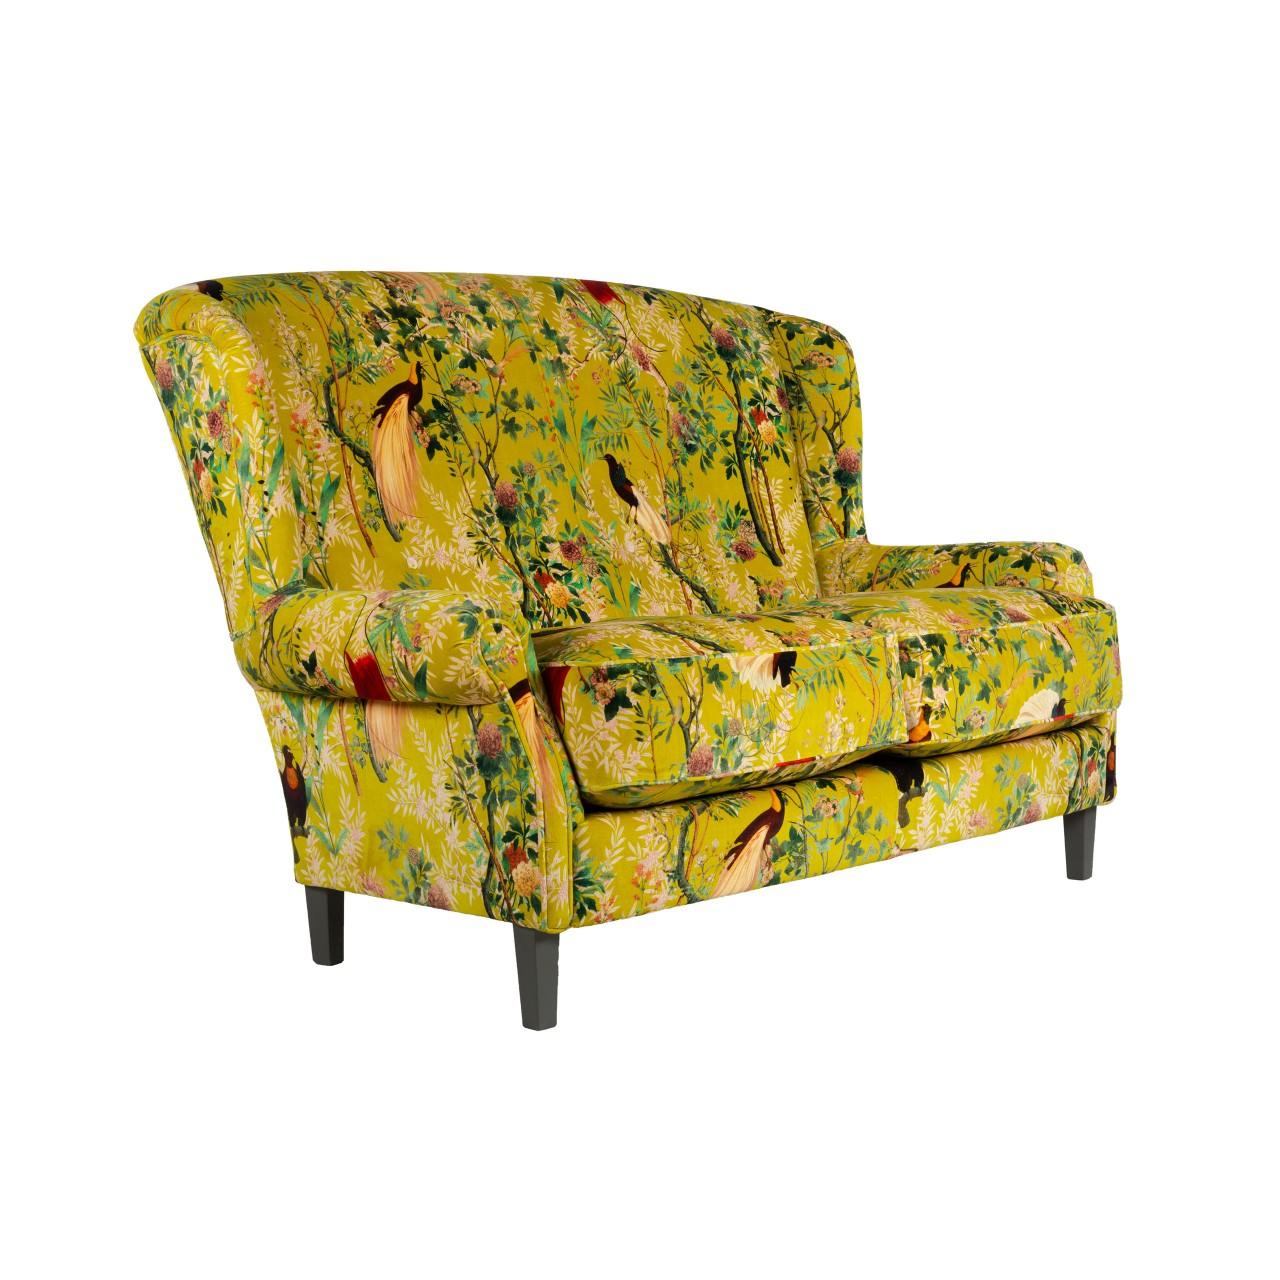 ABIGAIL Sofa - ROYAL GARDEN Green Velvet